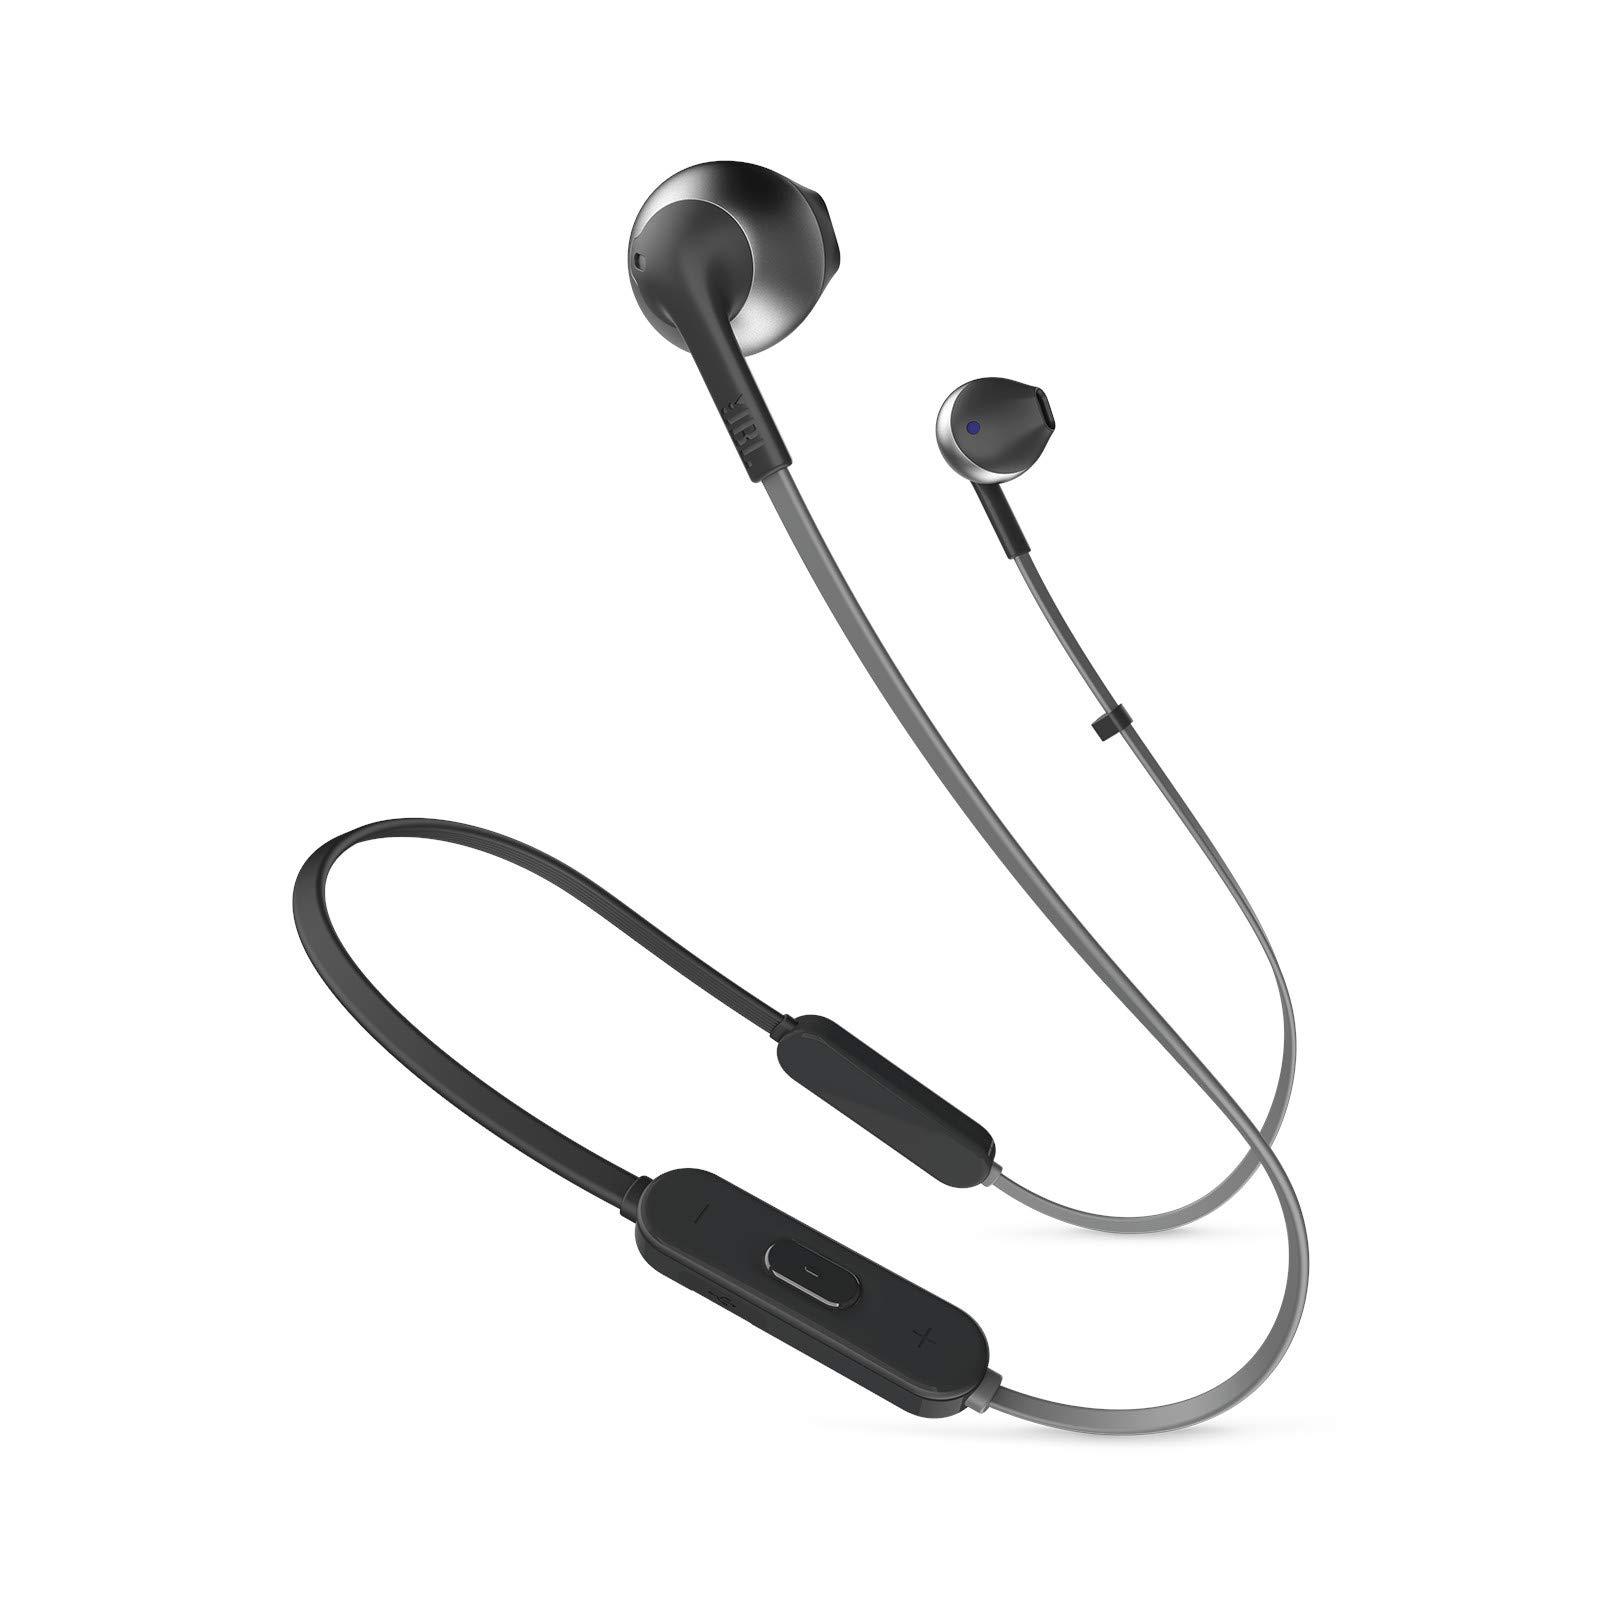 JBL TUNE 205BT - In-Ear Wireless Bluetooth Headphone - Black